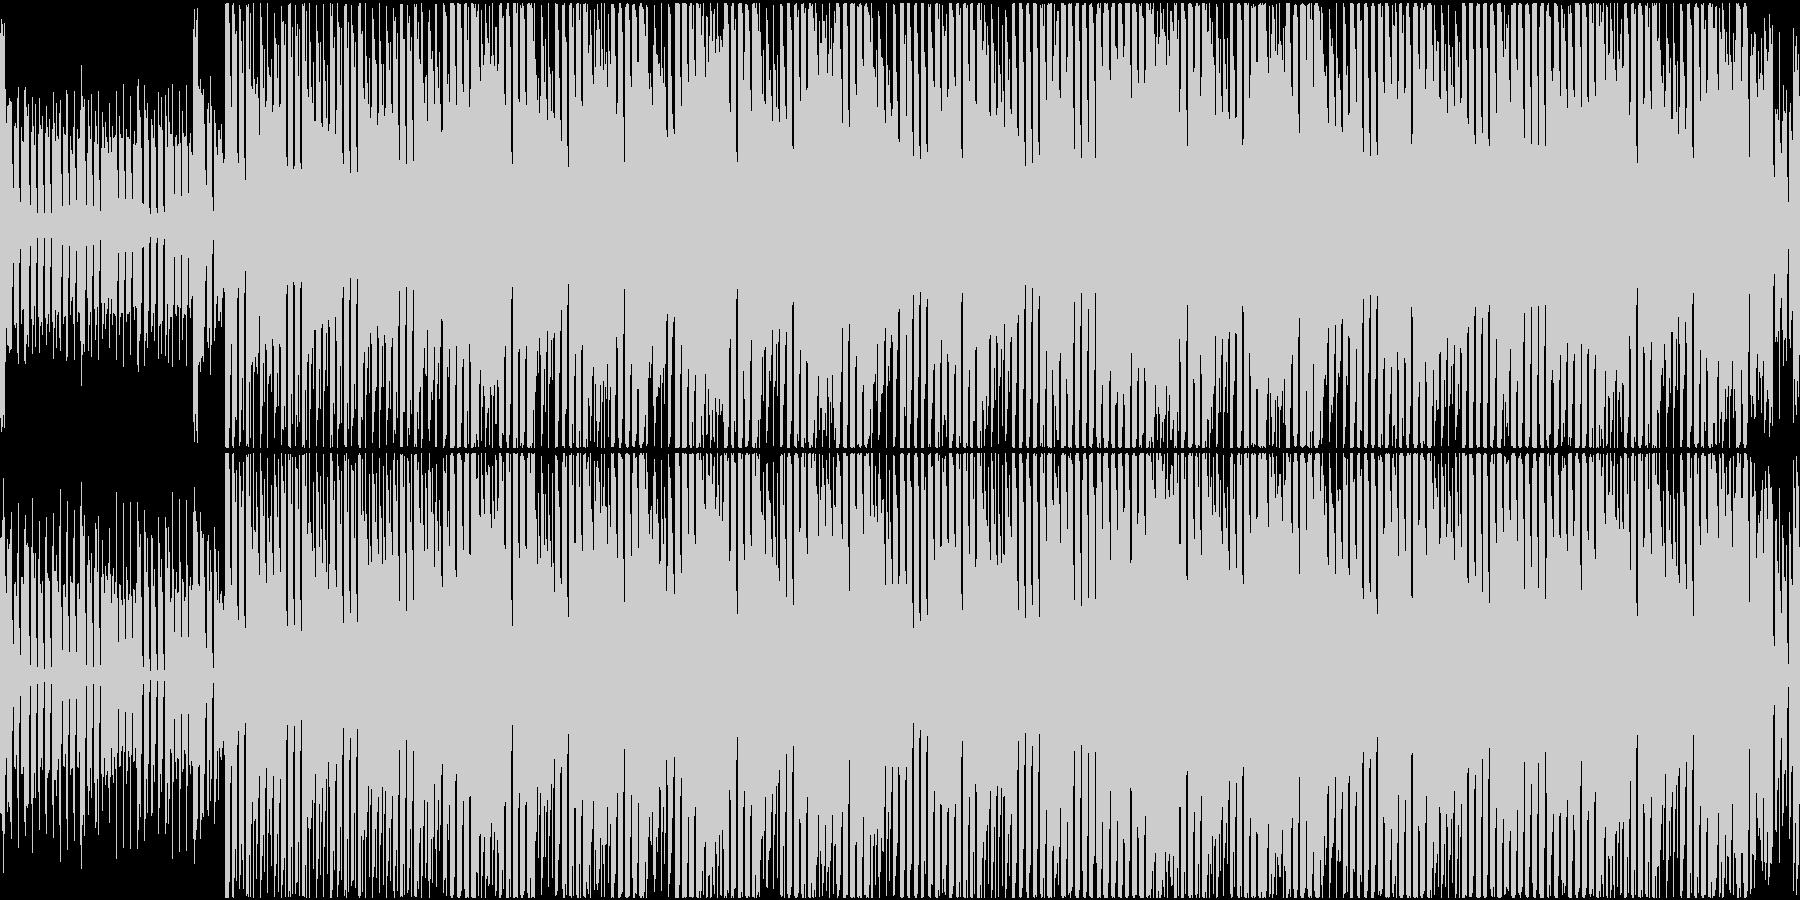 エレクトロでポップなBGMの未再生の波形